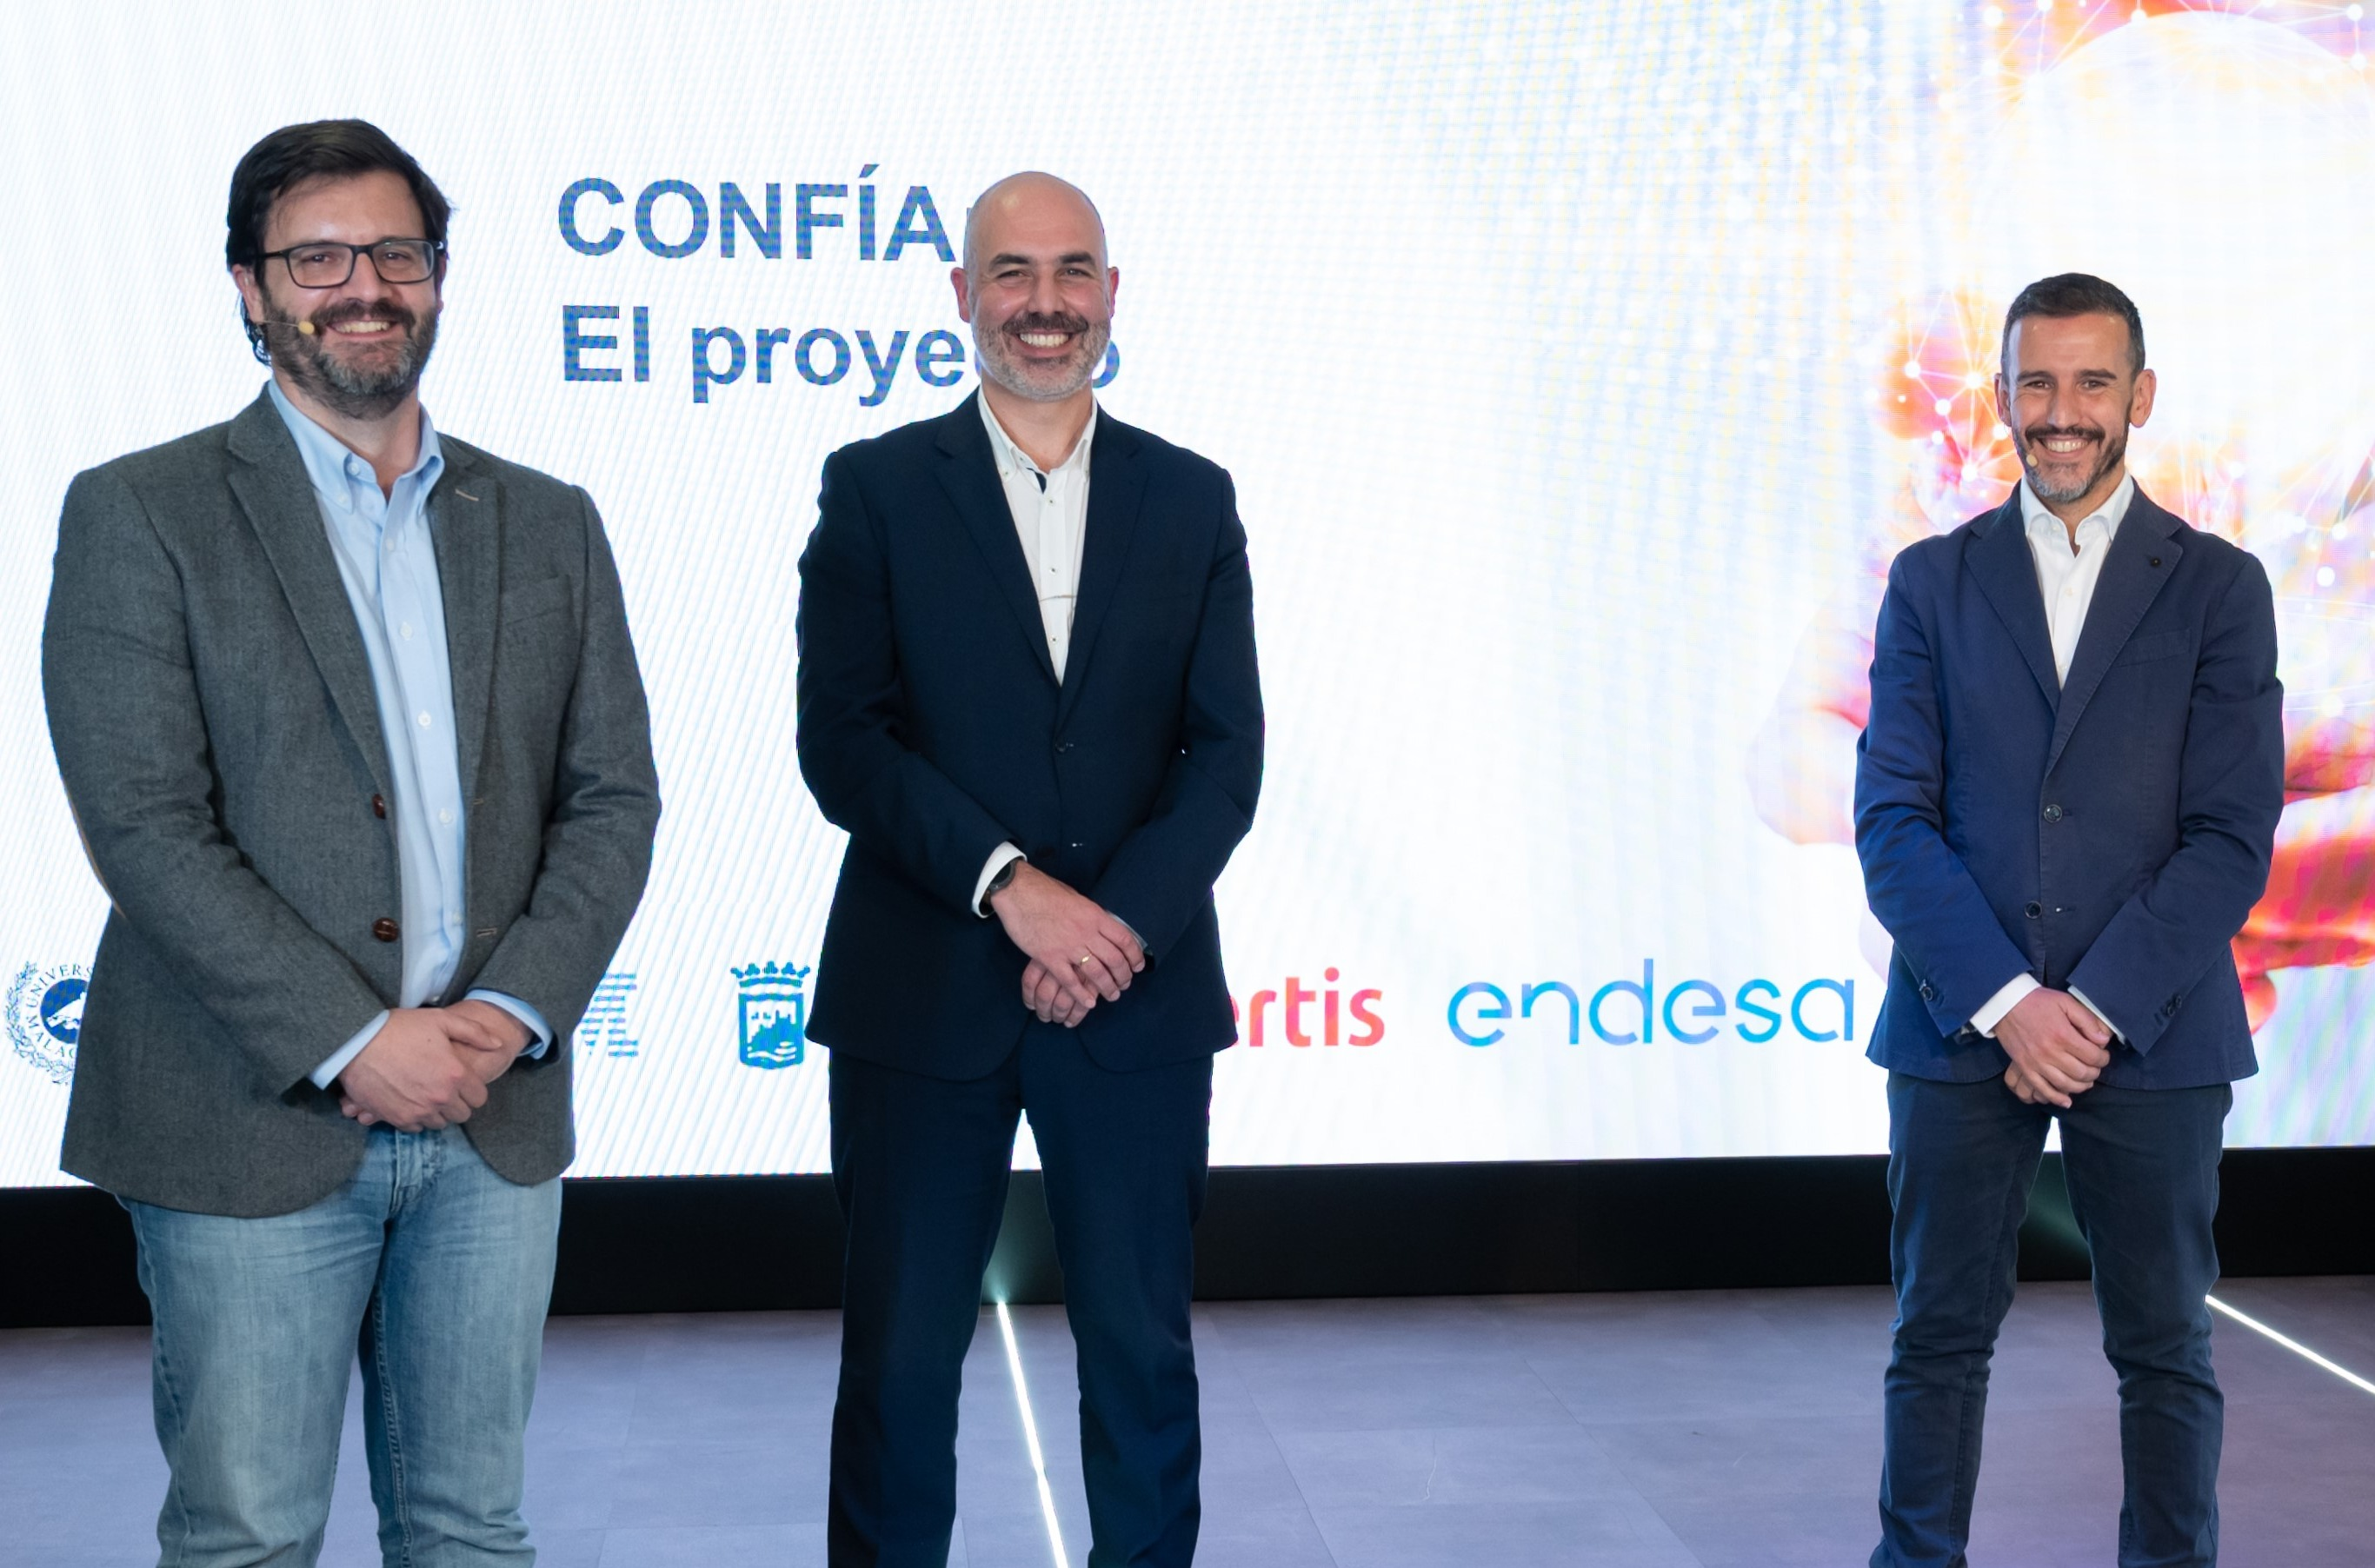 Promotores del proyecto Confía, de Endesa.